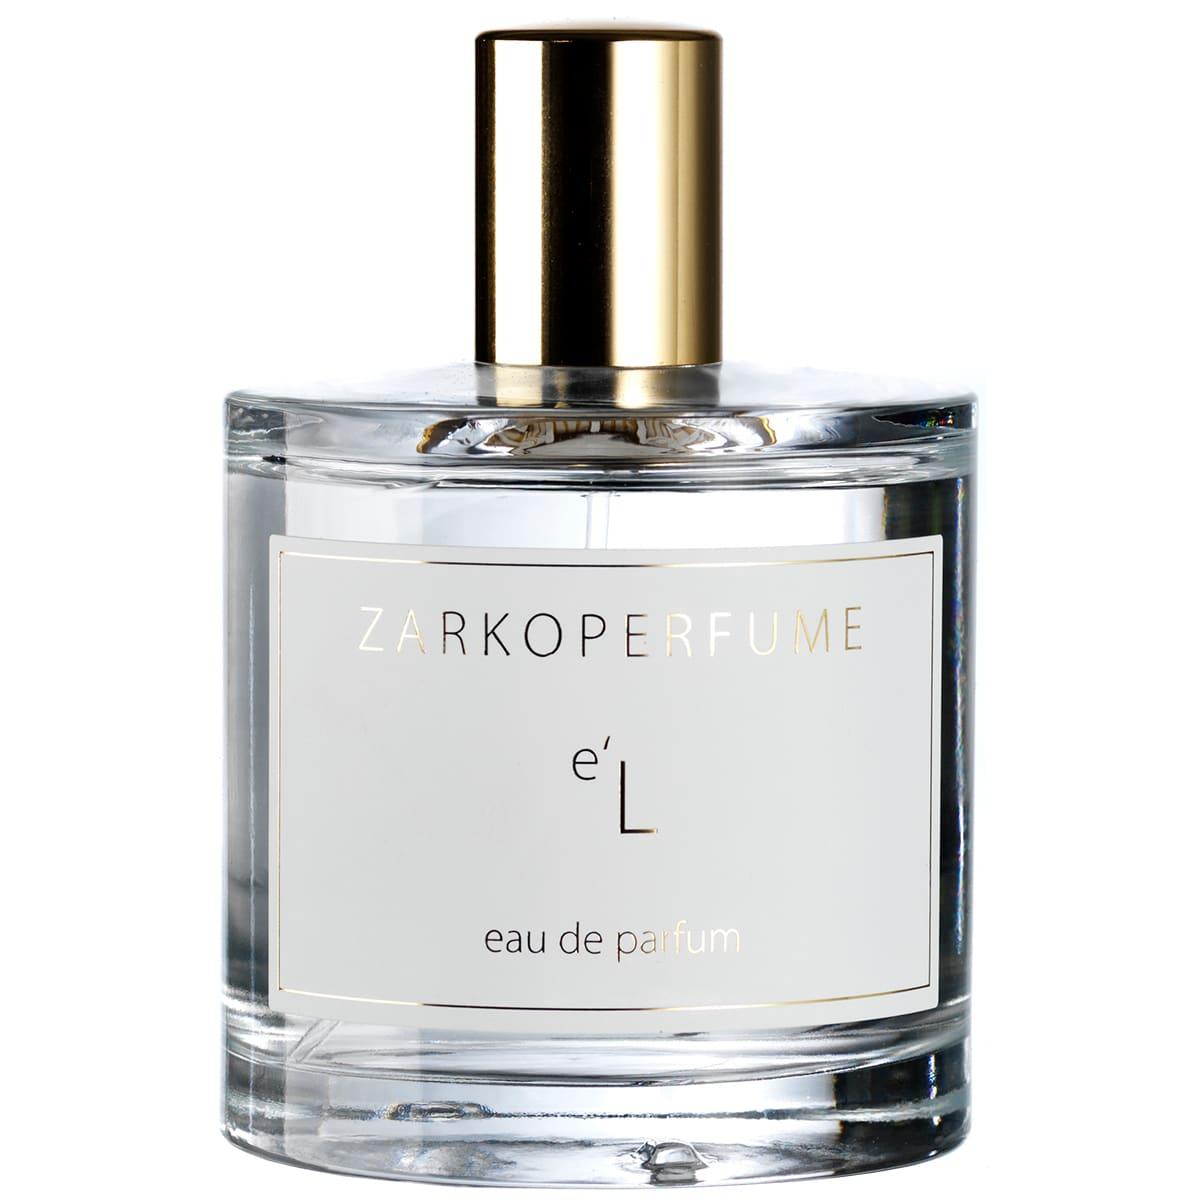 Diskret og frisk Eau de Parfum til kvinder